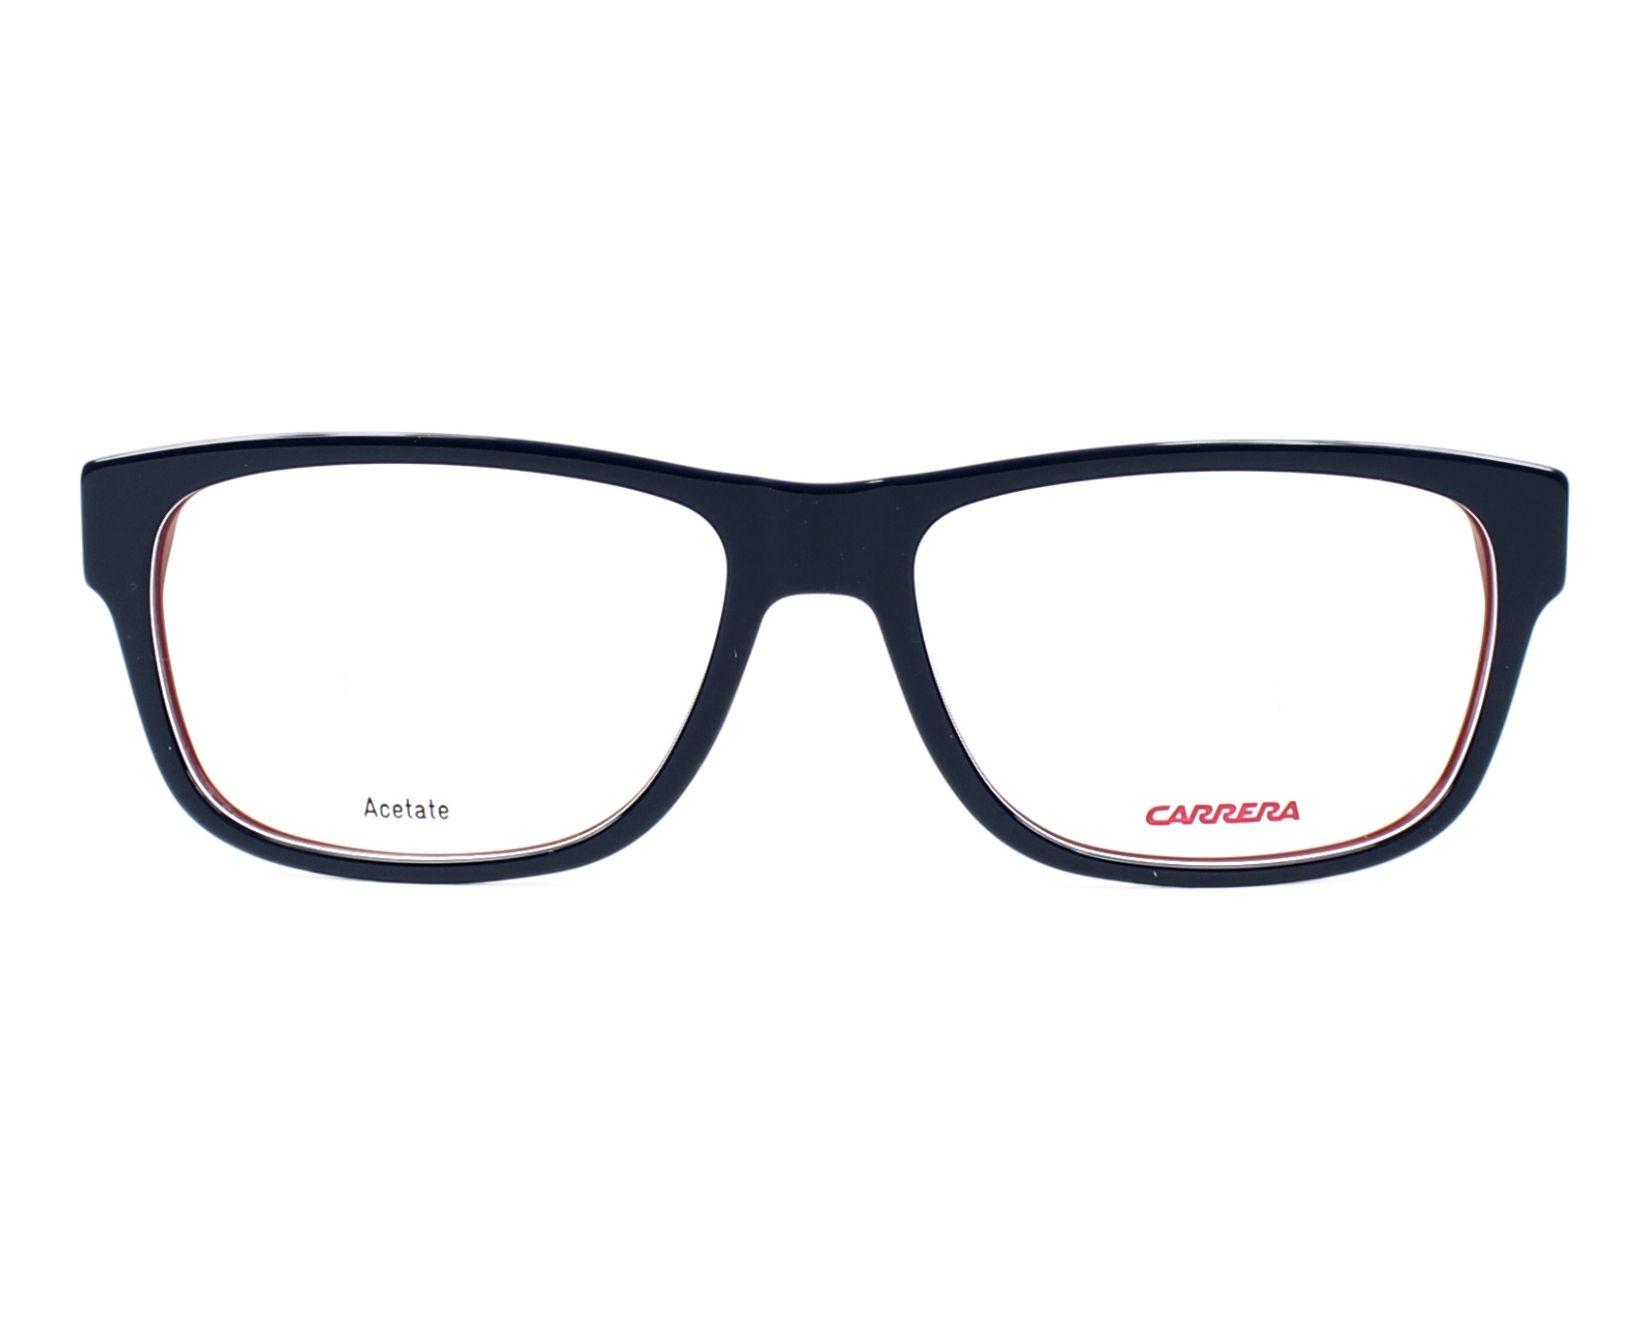 Carrera Eyewear Brille » CARRERA 1102/V«, blau, 0BP - blau